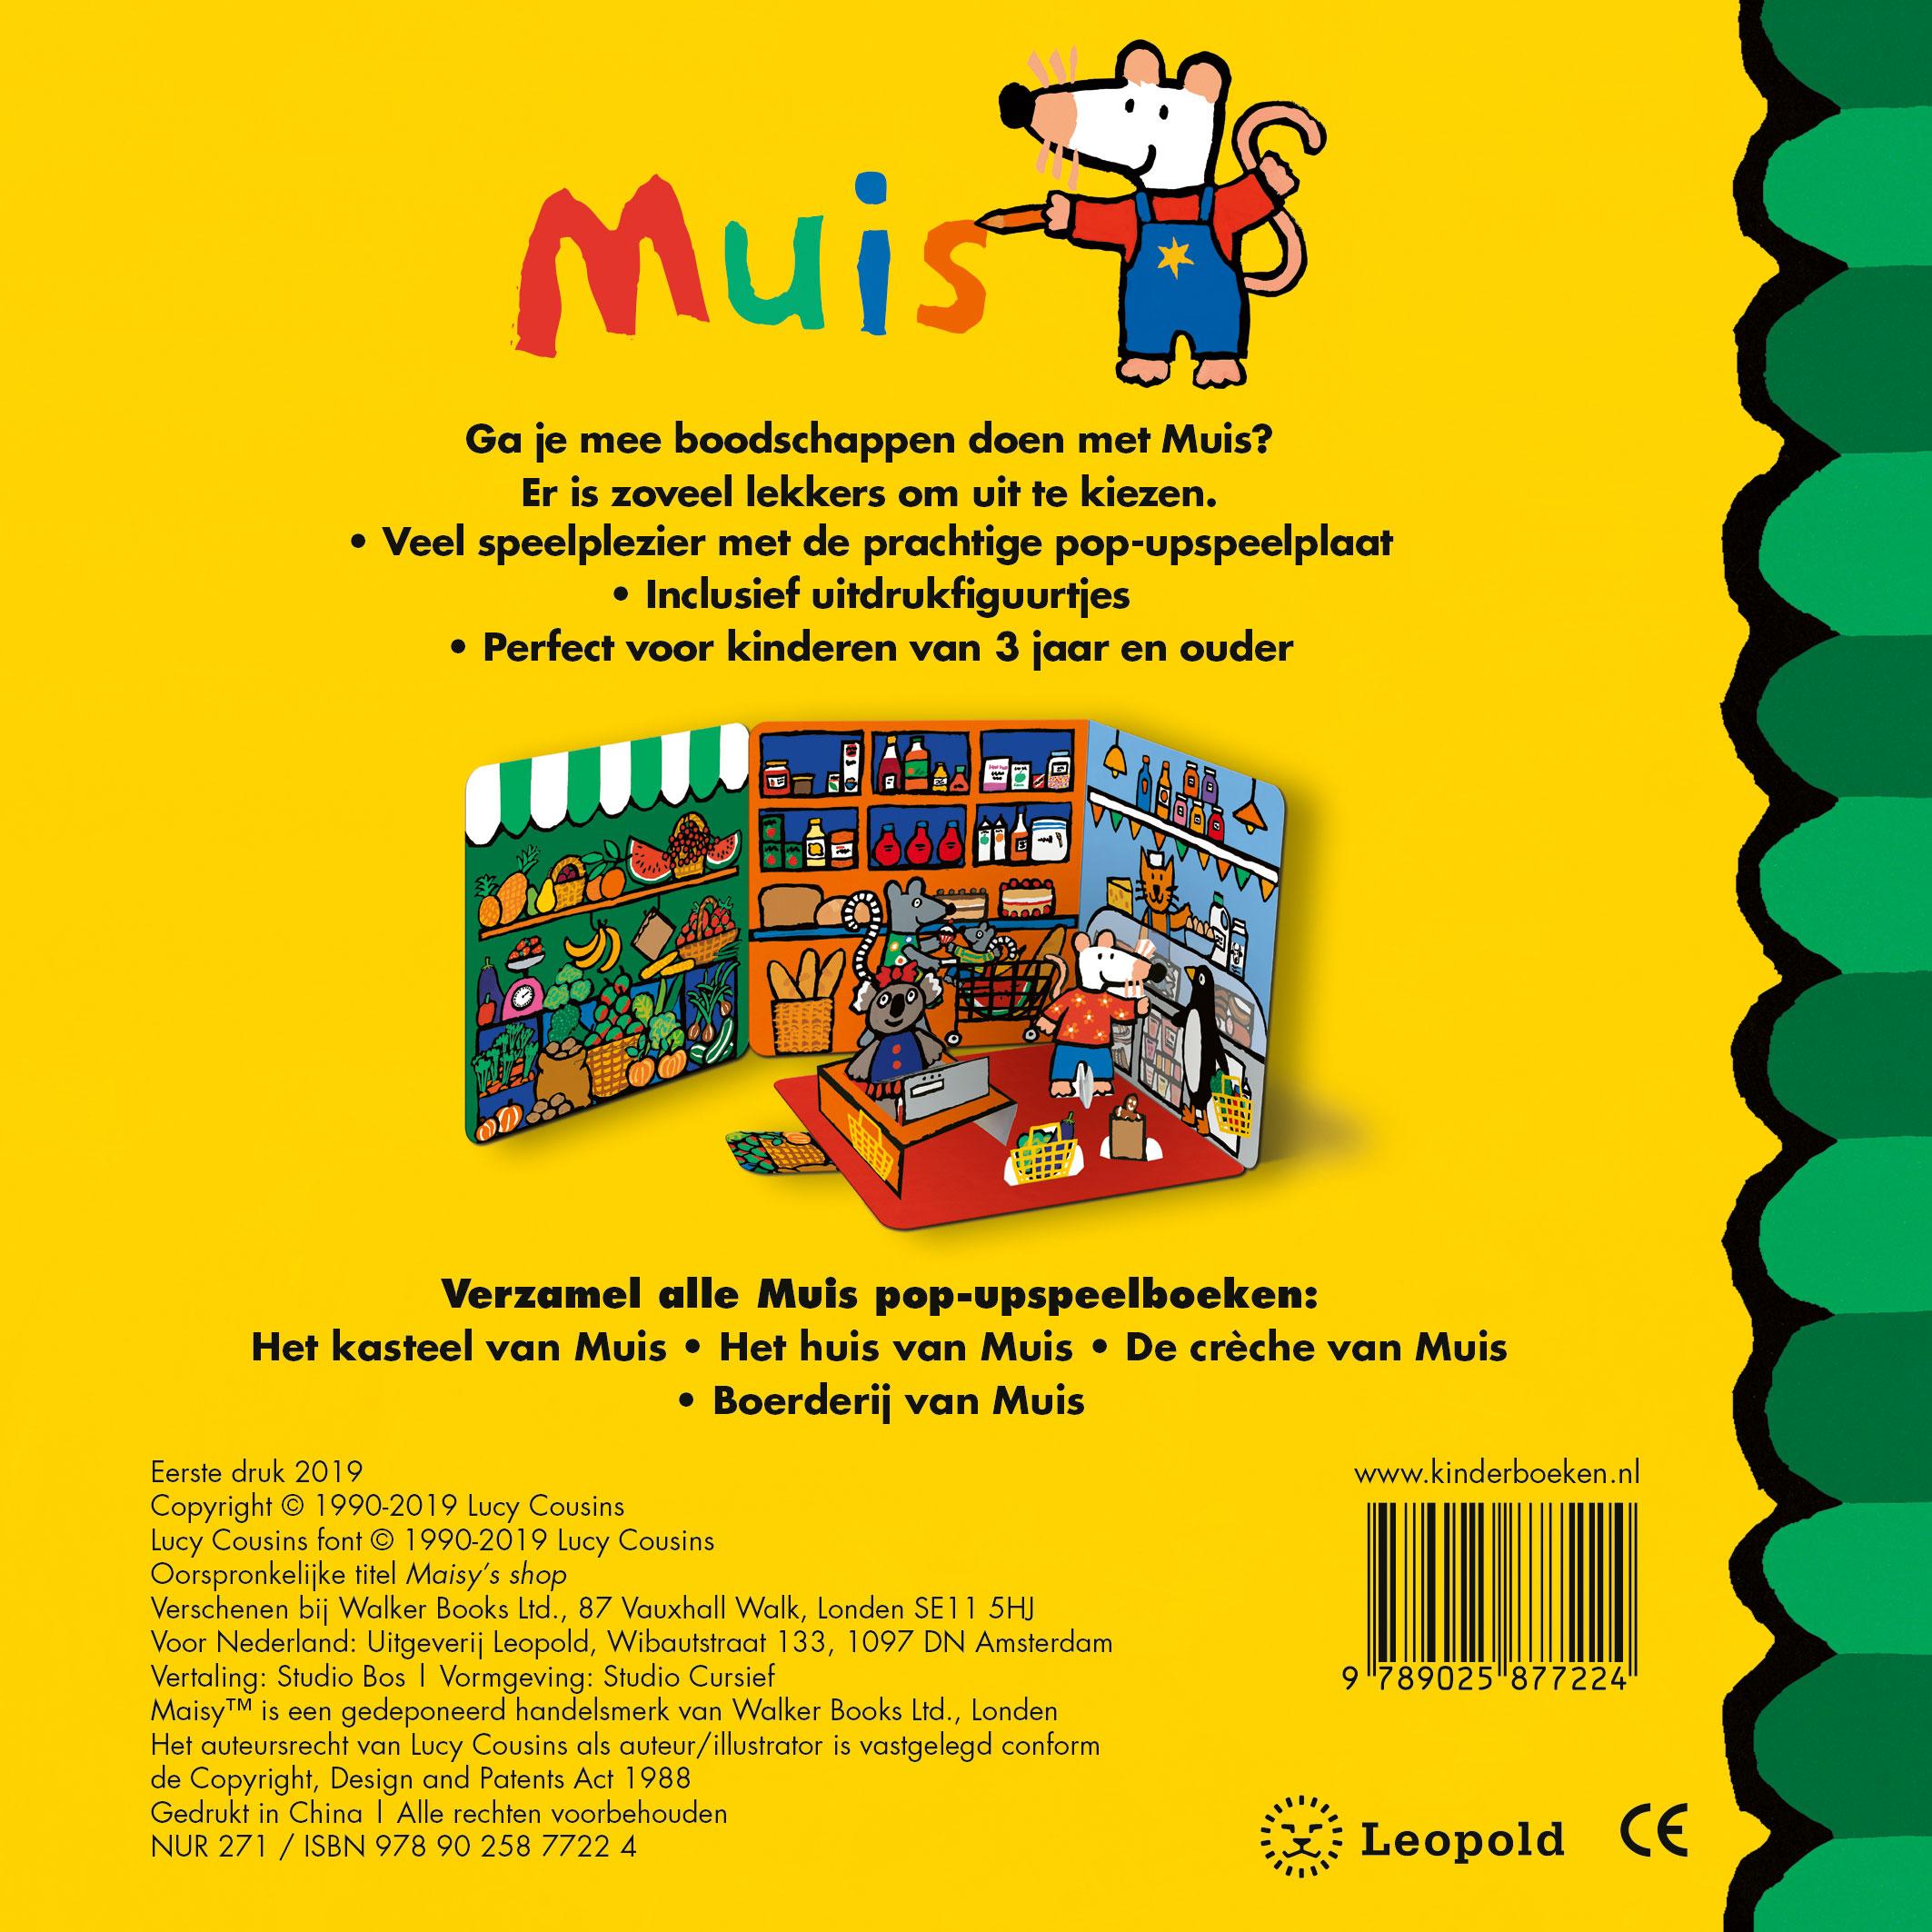 Het winkeltje van Muis